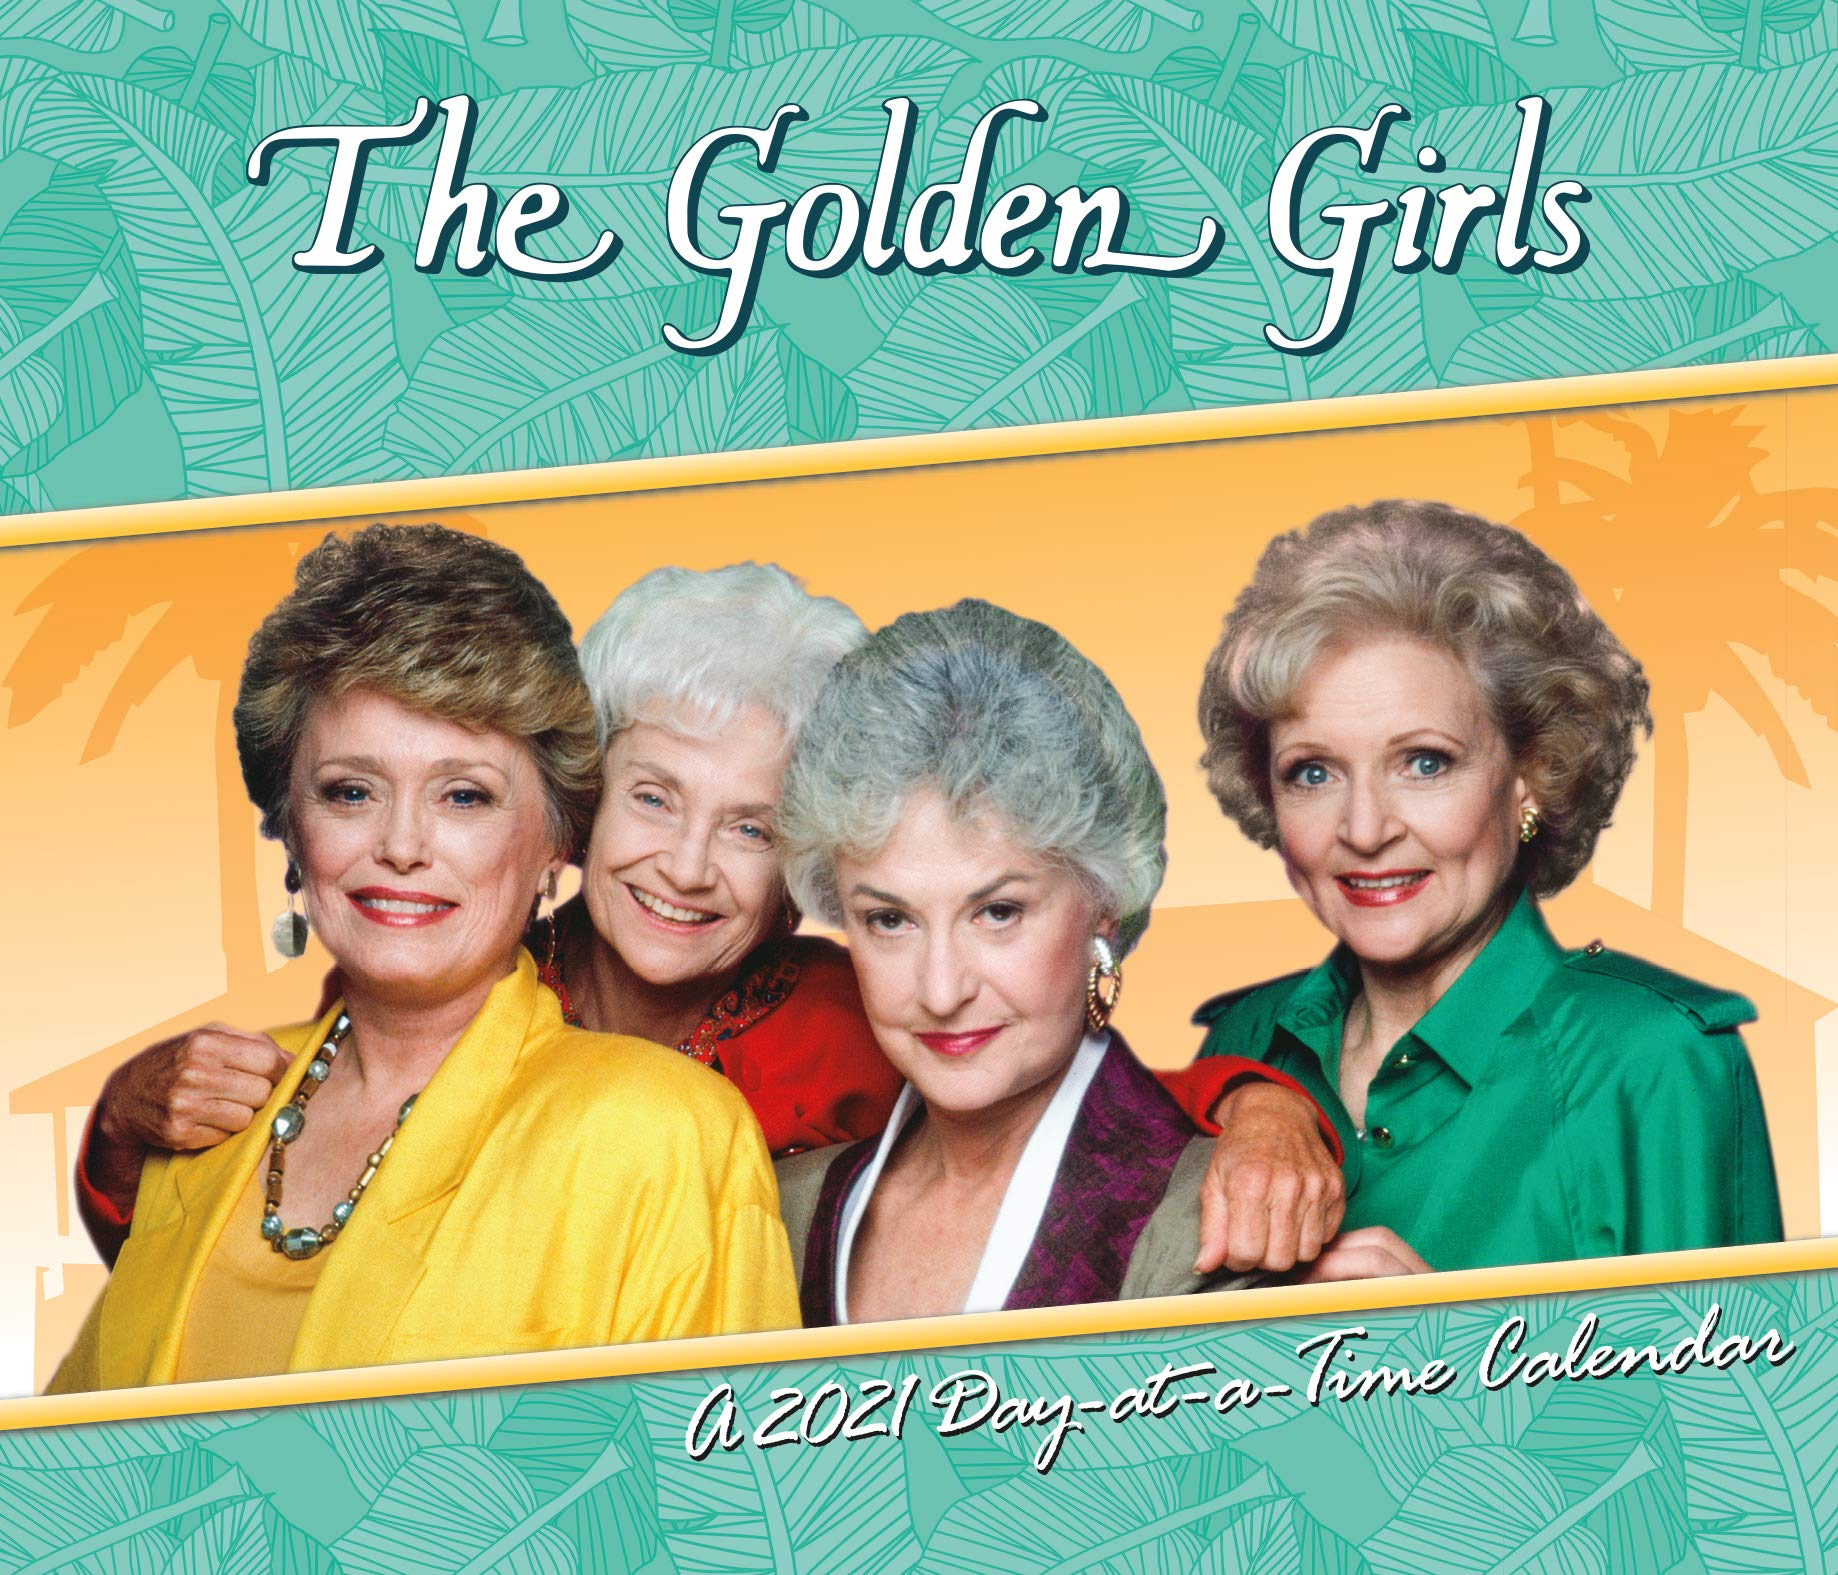 Buy Golden Girls 2021 Calendar Book Online at Low Prices in India | Golden Girls 2021 Calendar Reviews & Ratings - Amazon.in